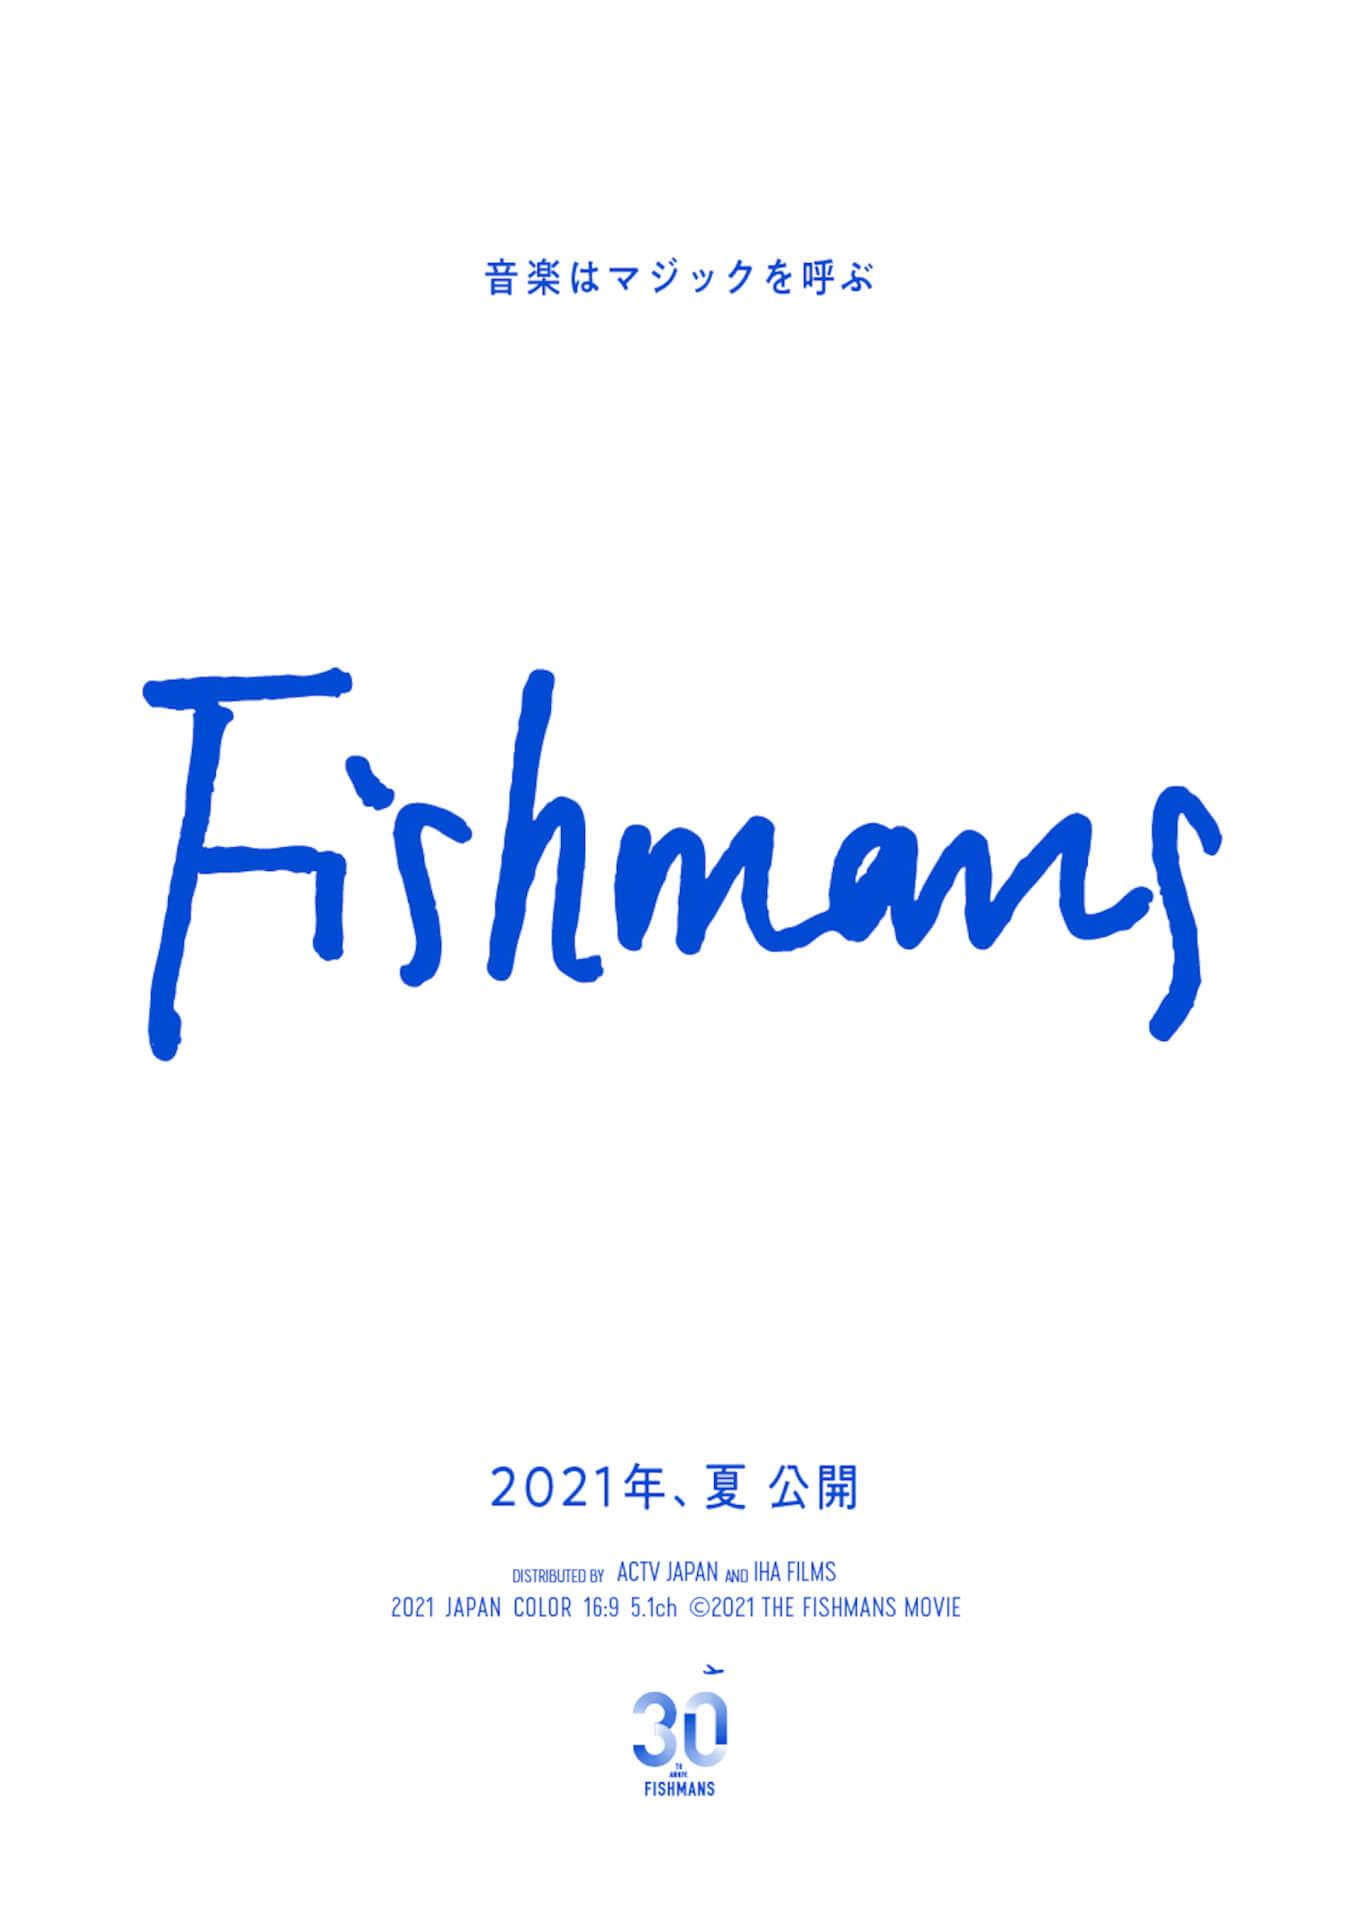 孤高のダブバンド・フィッシュマンズのドキュメンタリー『映画:フィッシュマンズ』が今夏公開決定! film210224_fishmans_2